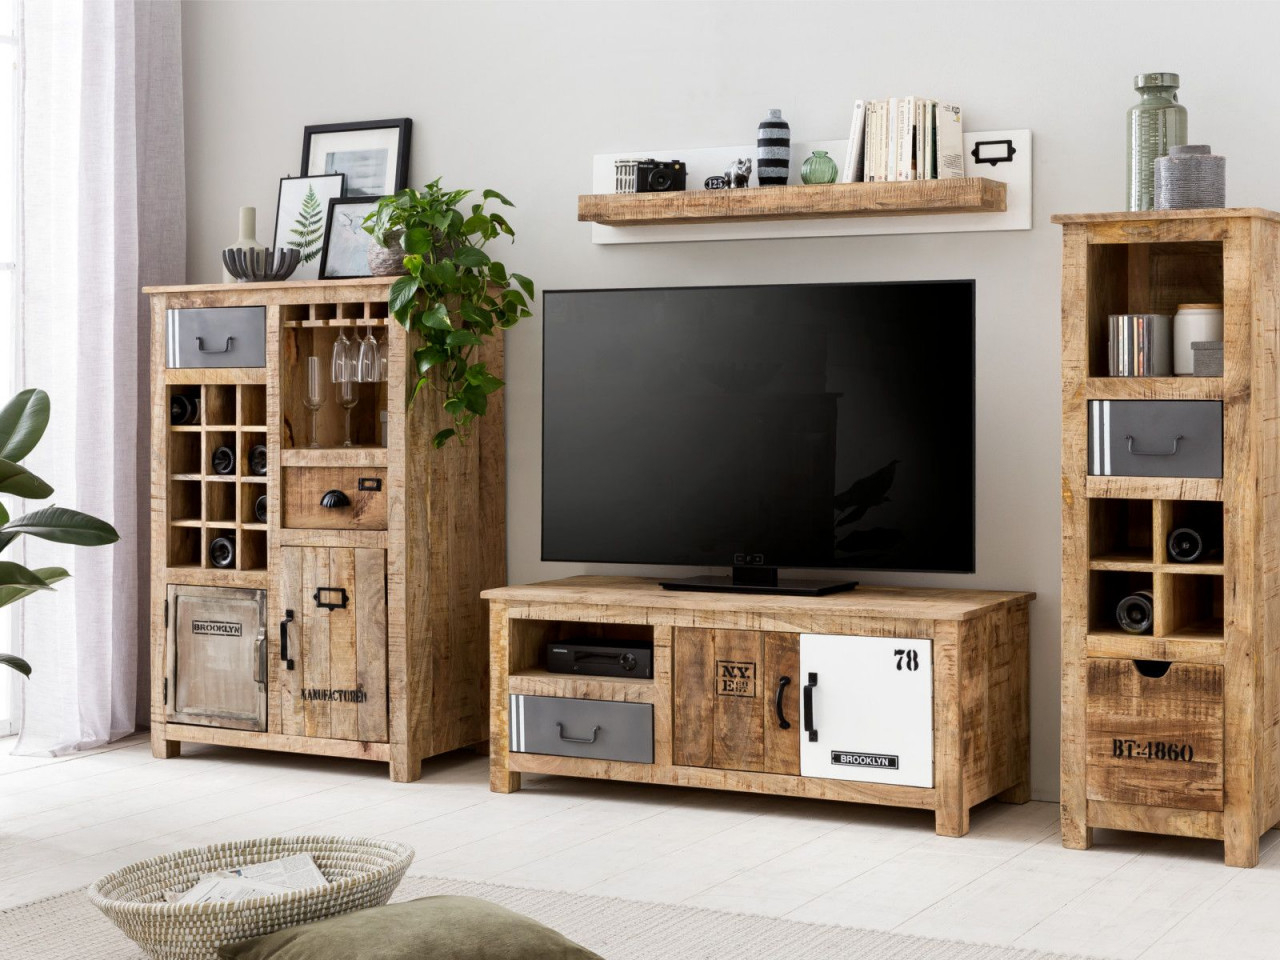 Wohnwand Pune  Einrichtungsideen Wohnzimmer Rustikal Holz von Wohnzimmer Einrichten Holz Photo